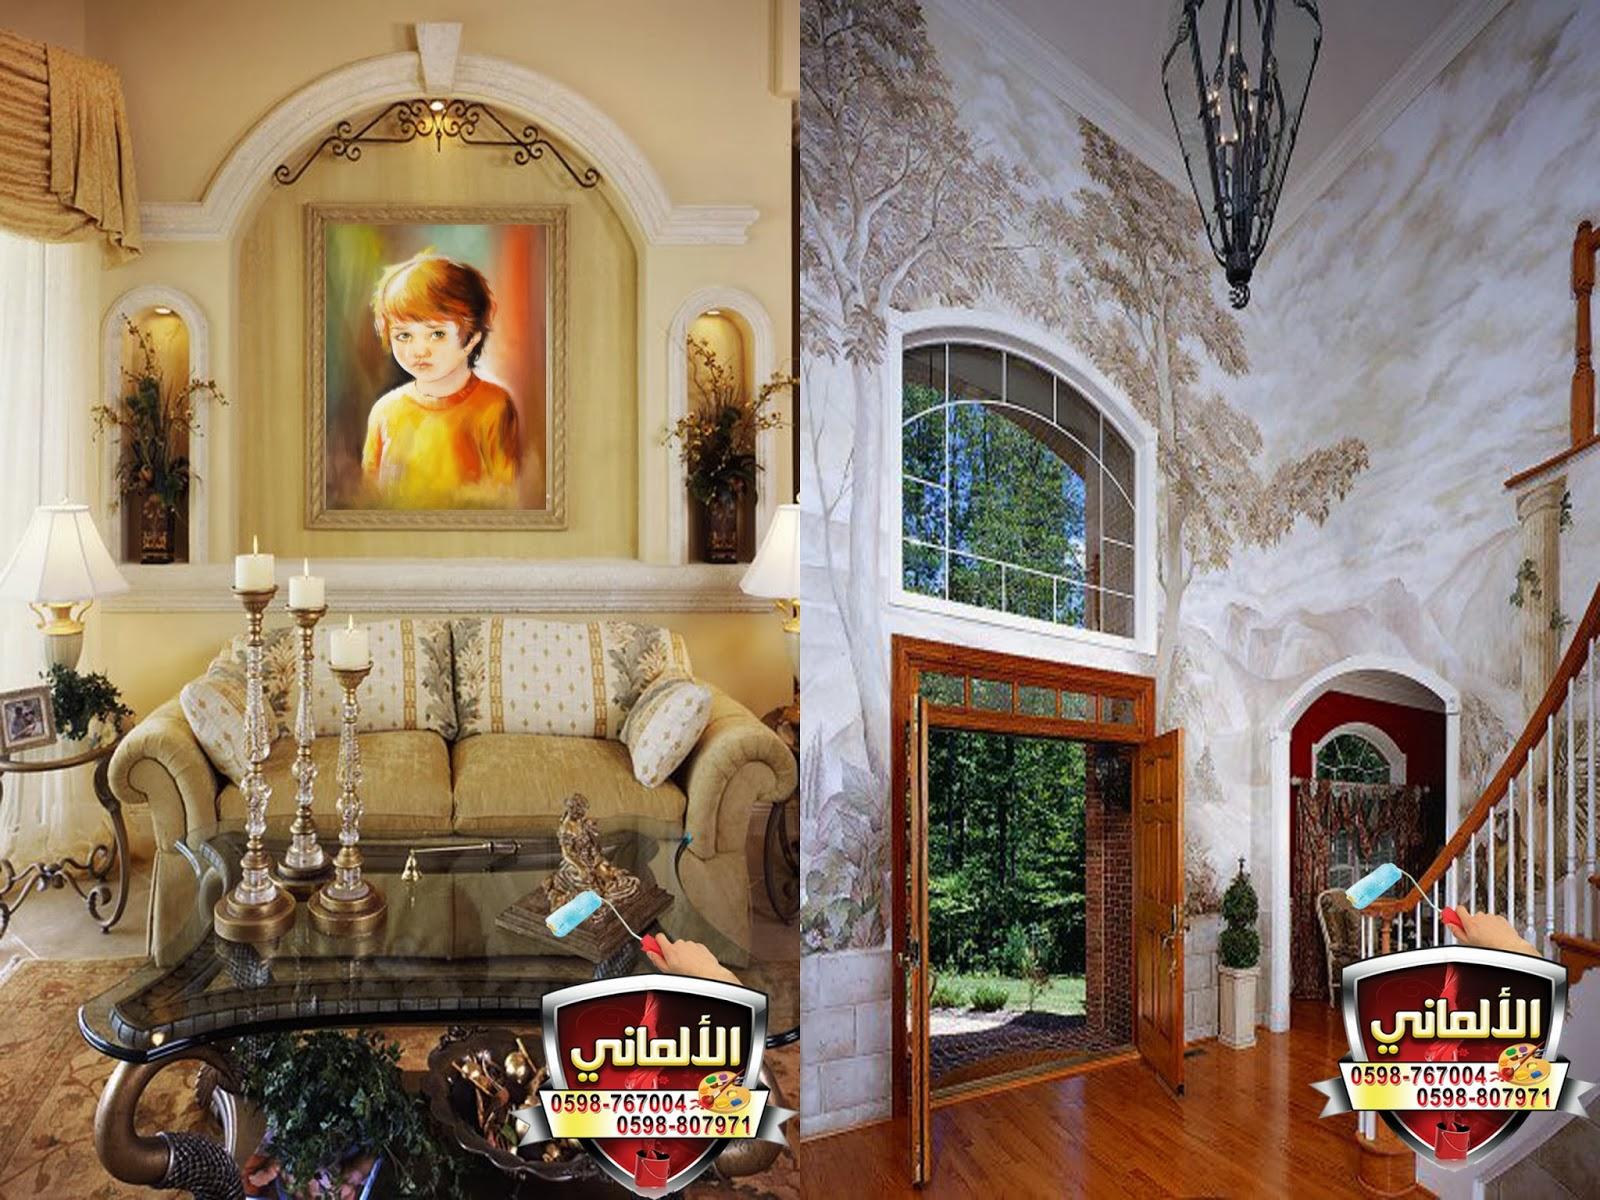 Home decor for I home decor